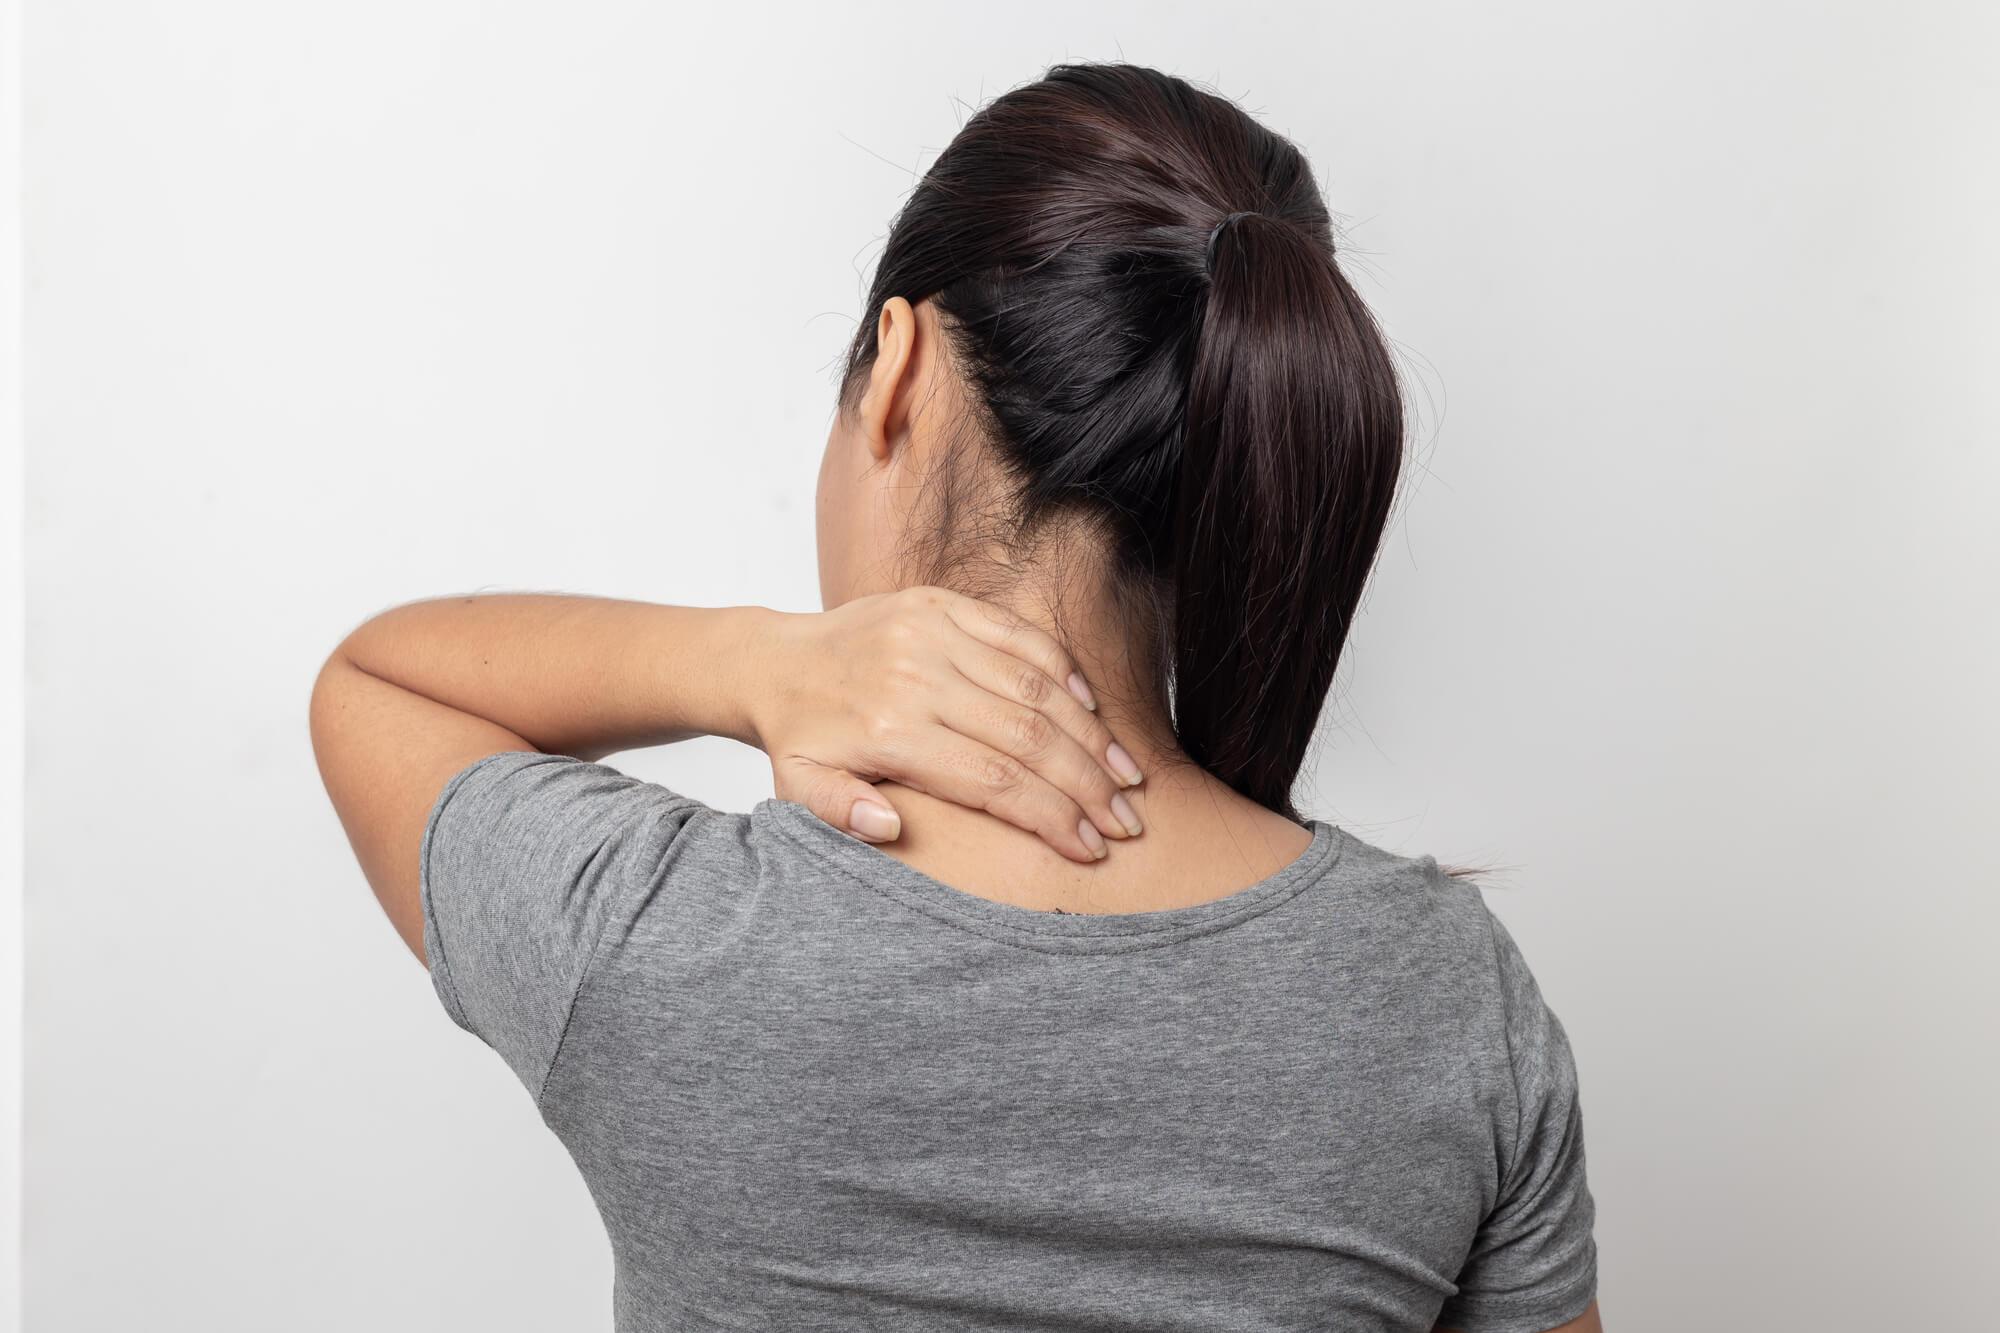 右 肩 が 痛い スピリチュアル